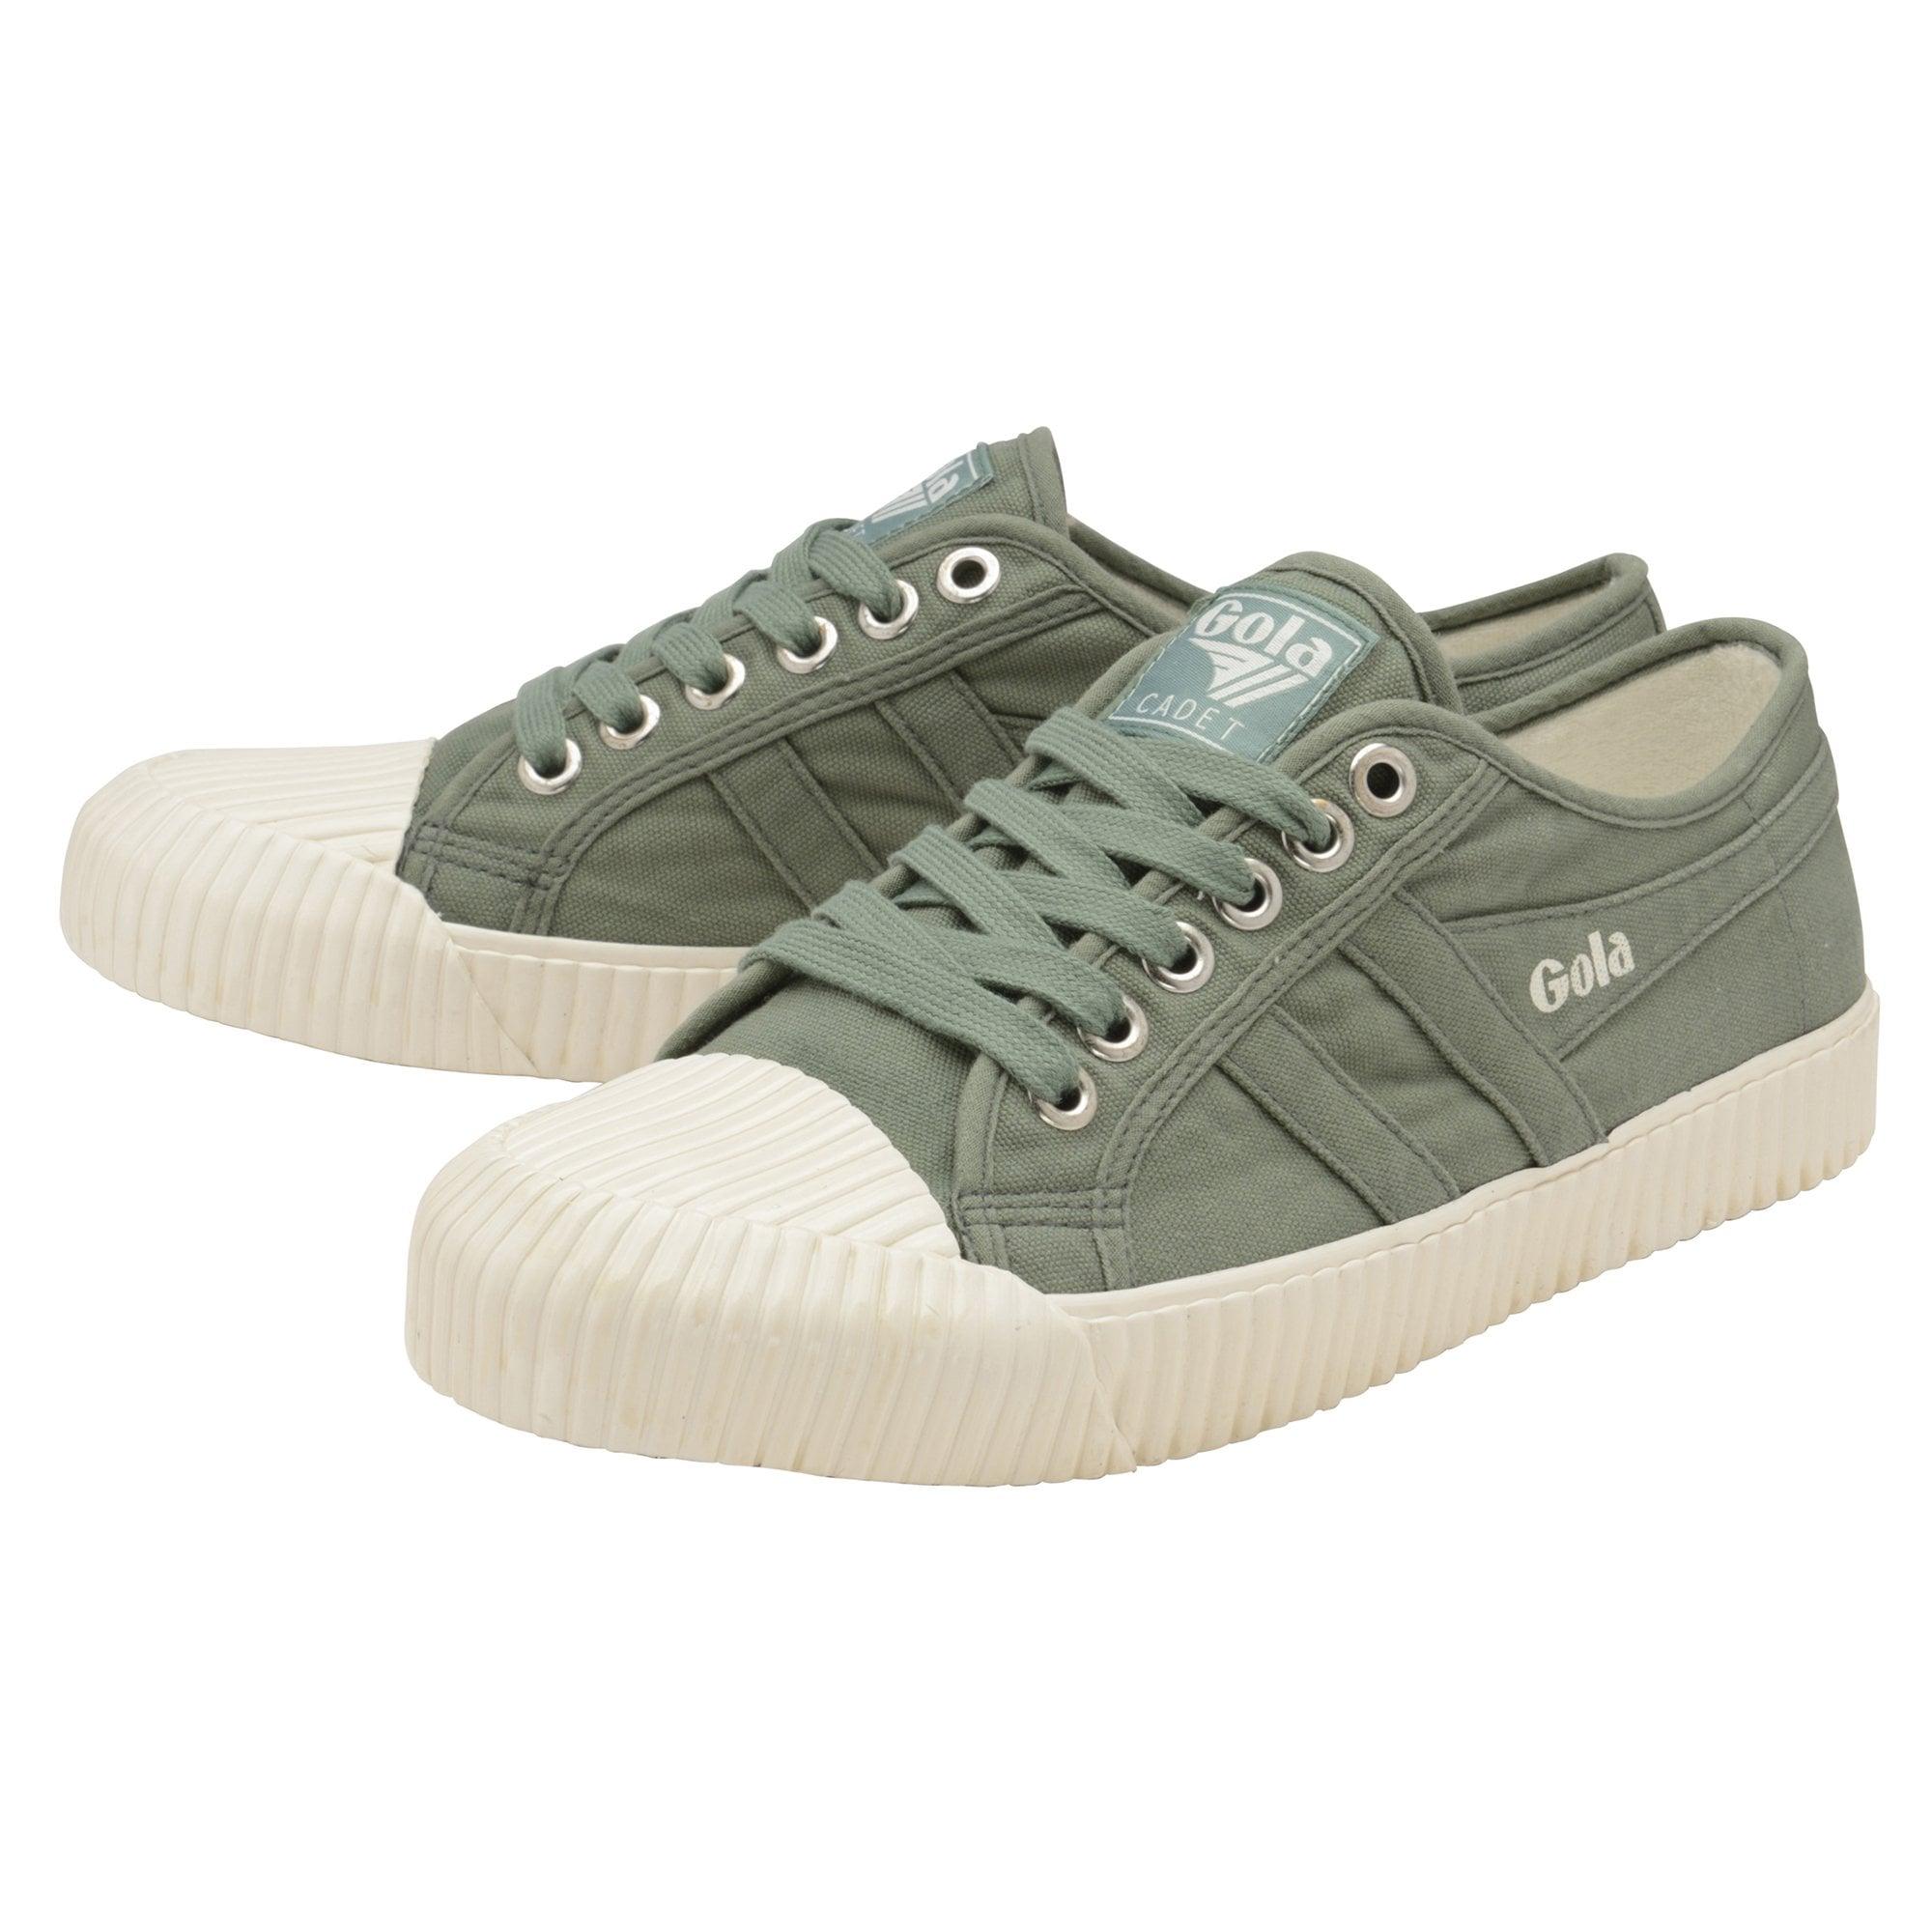 Gola Mens Cadet Plimsoll Sneaker